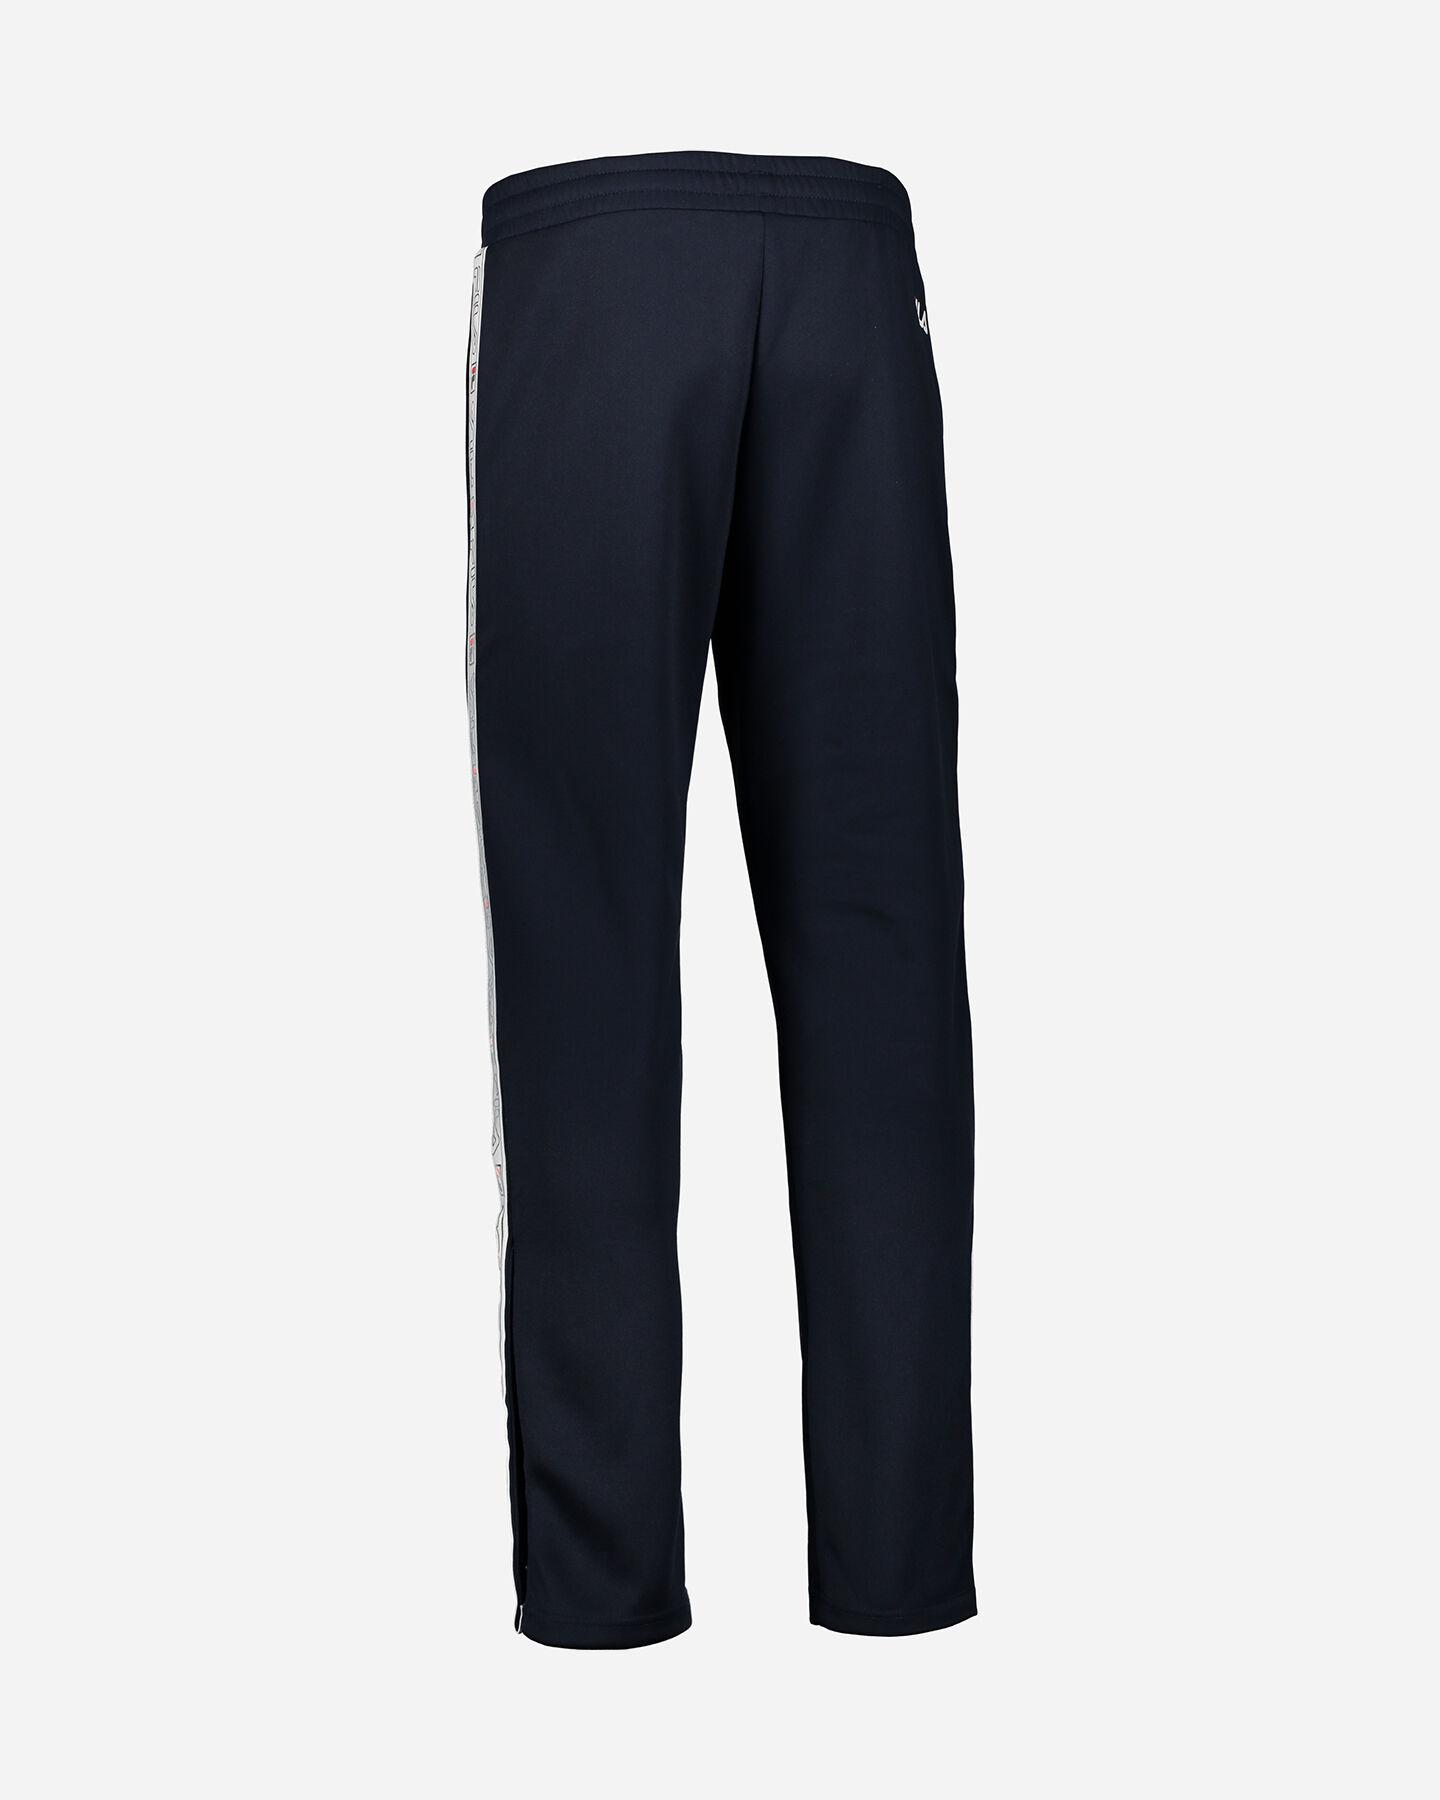 Pantalone FILA BANDA M S4060090 scatto 2